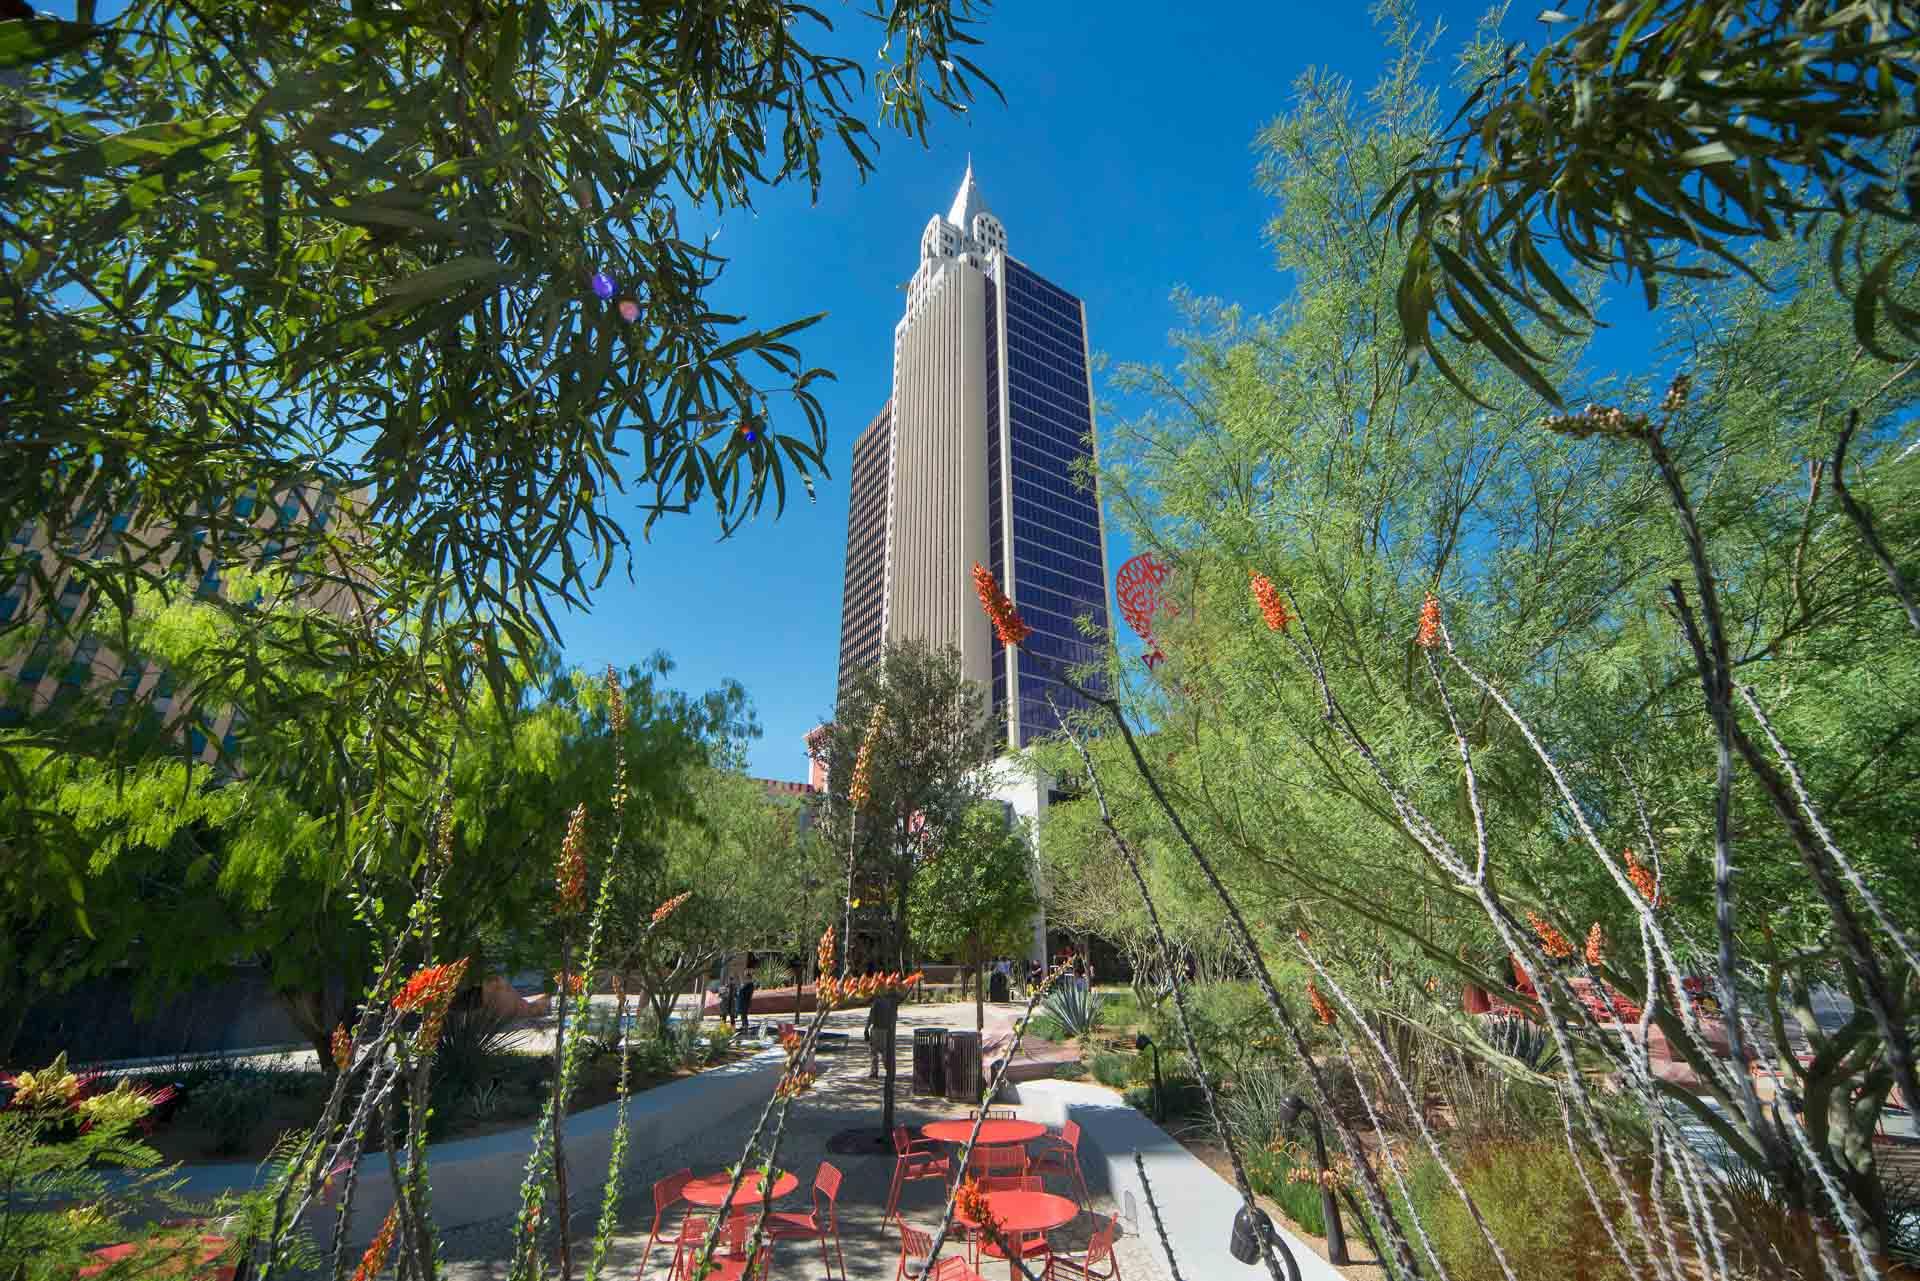 landscape-architecture-urban-design-Las-Vegas-The-Park-9.jpg